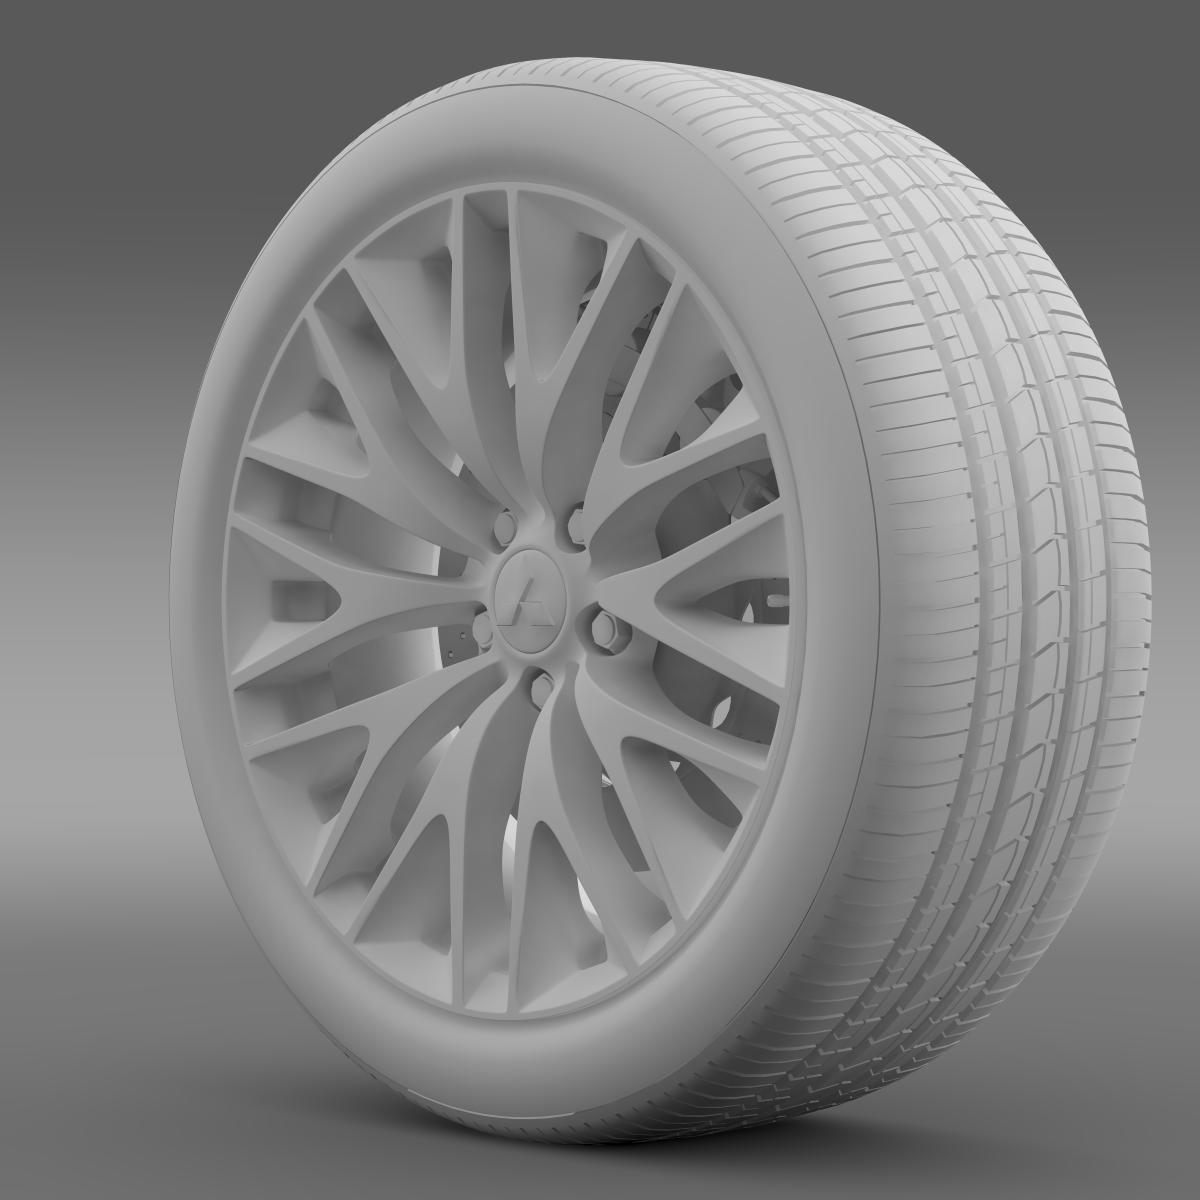 mitsubishi dignity wheel 3d model 3ds max fbx c4d lwo ma mb hrc xsi obj 210804